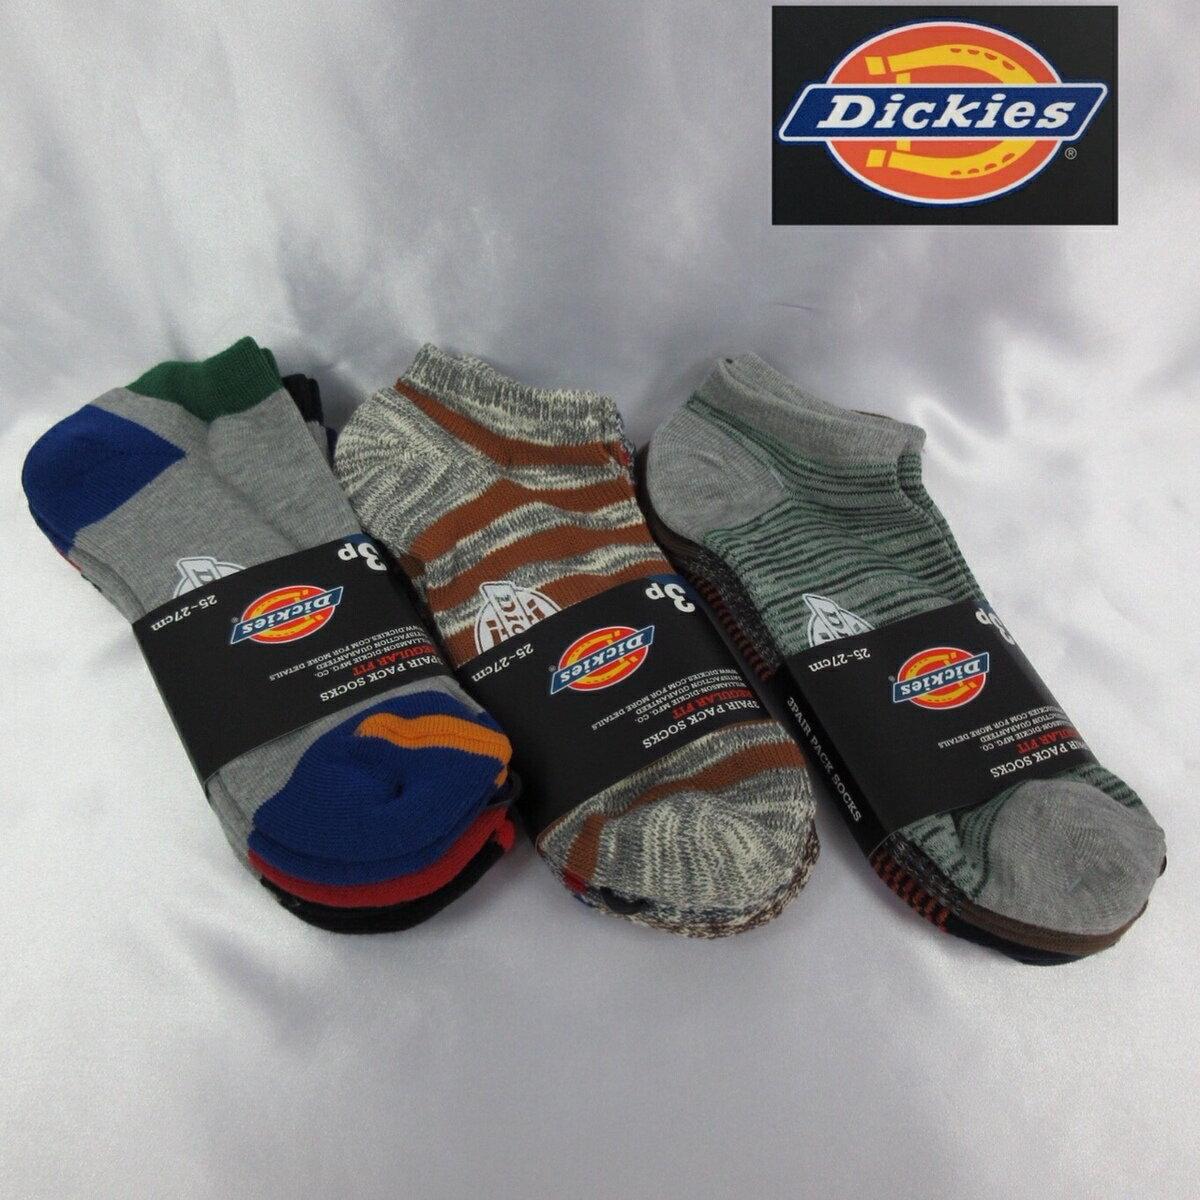 送料無料 Dickies ディッキーズ アンクルソックス 3足セット メンズ靴下 ブランド 3足組 ショート丈 くつした